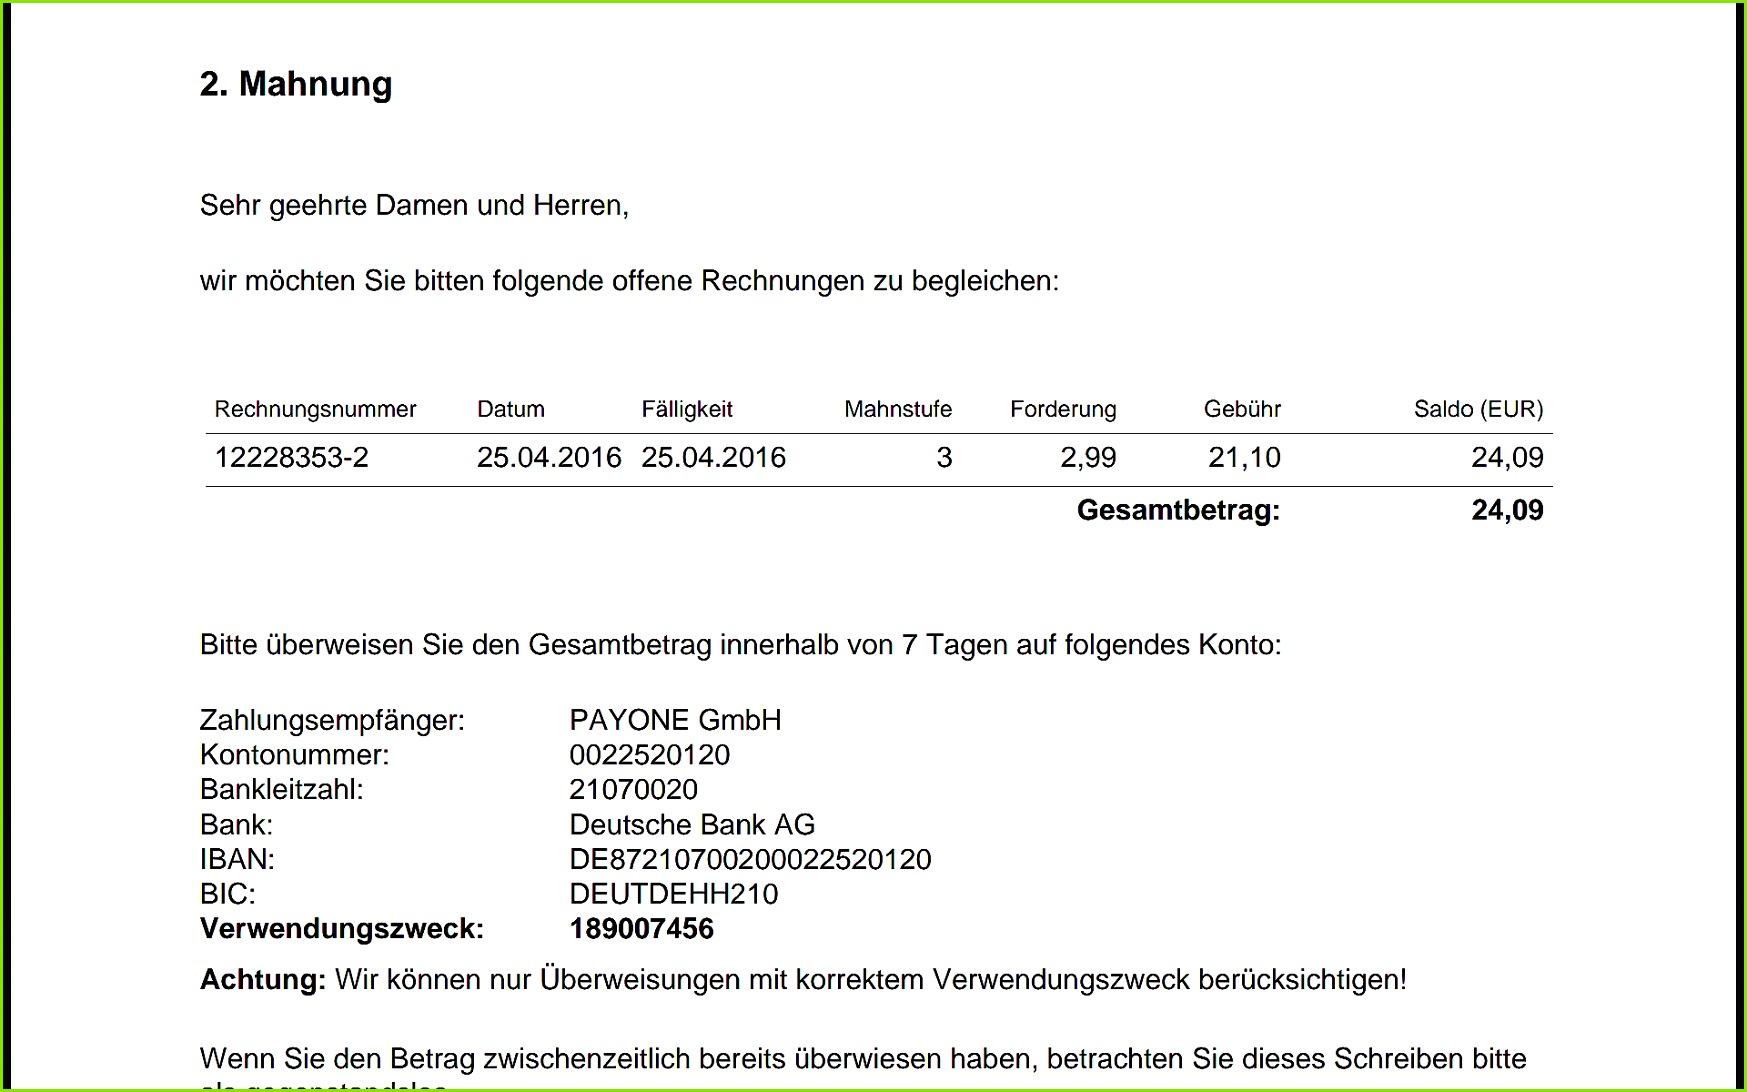 2 Mahnung Mit Mahngebühr Vorlage Wunderbar 2 Mahnung Von Tvnow Rtl